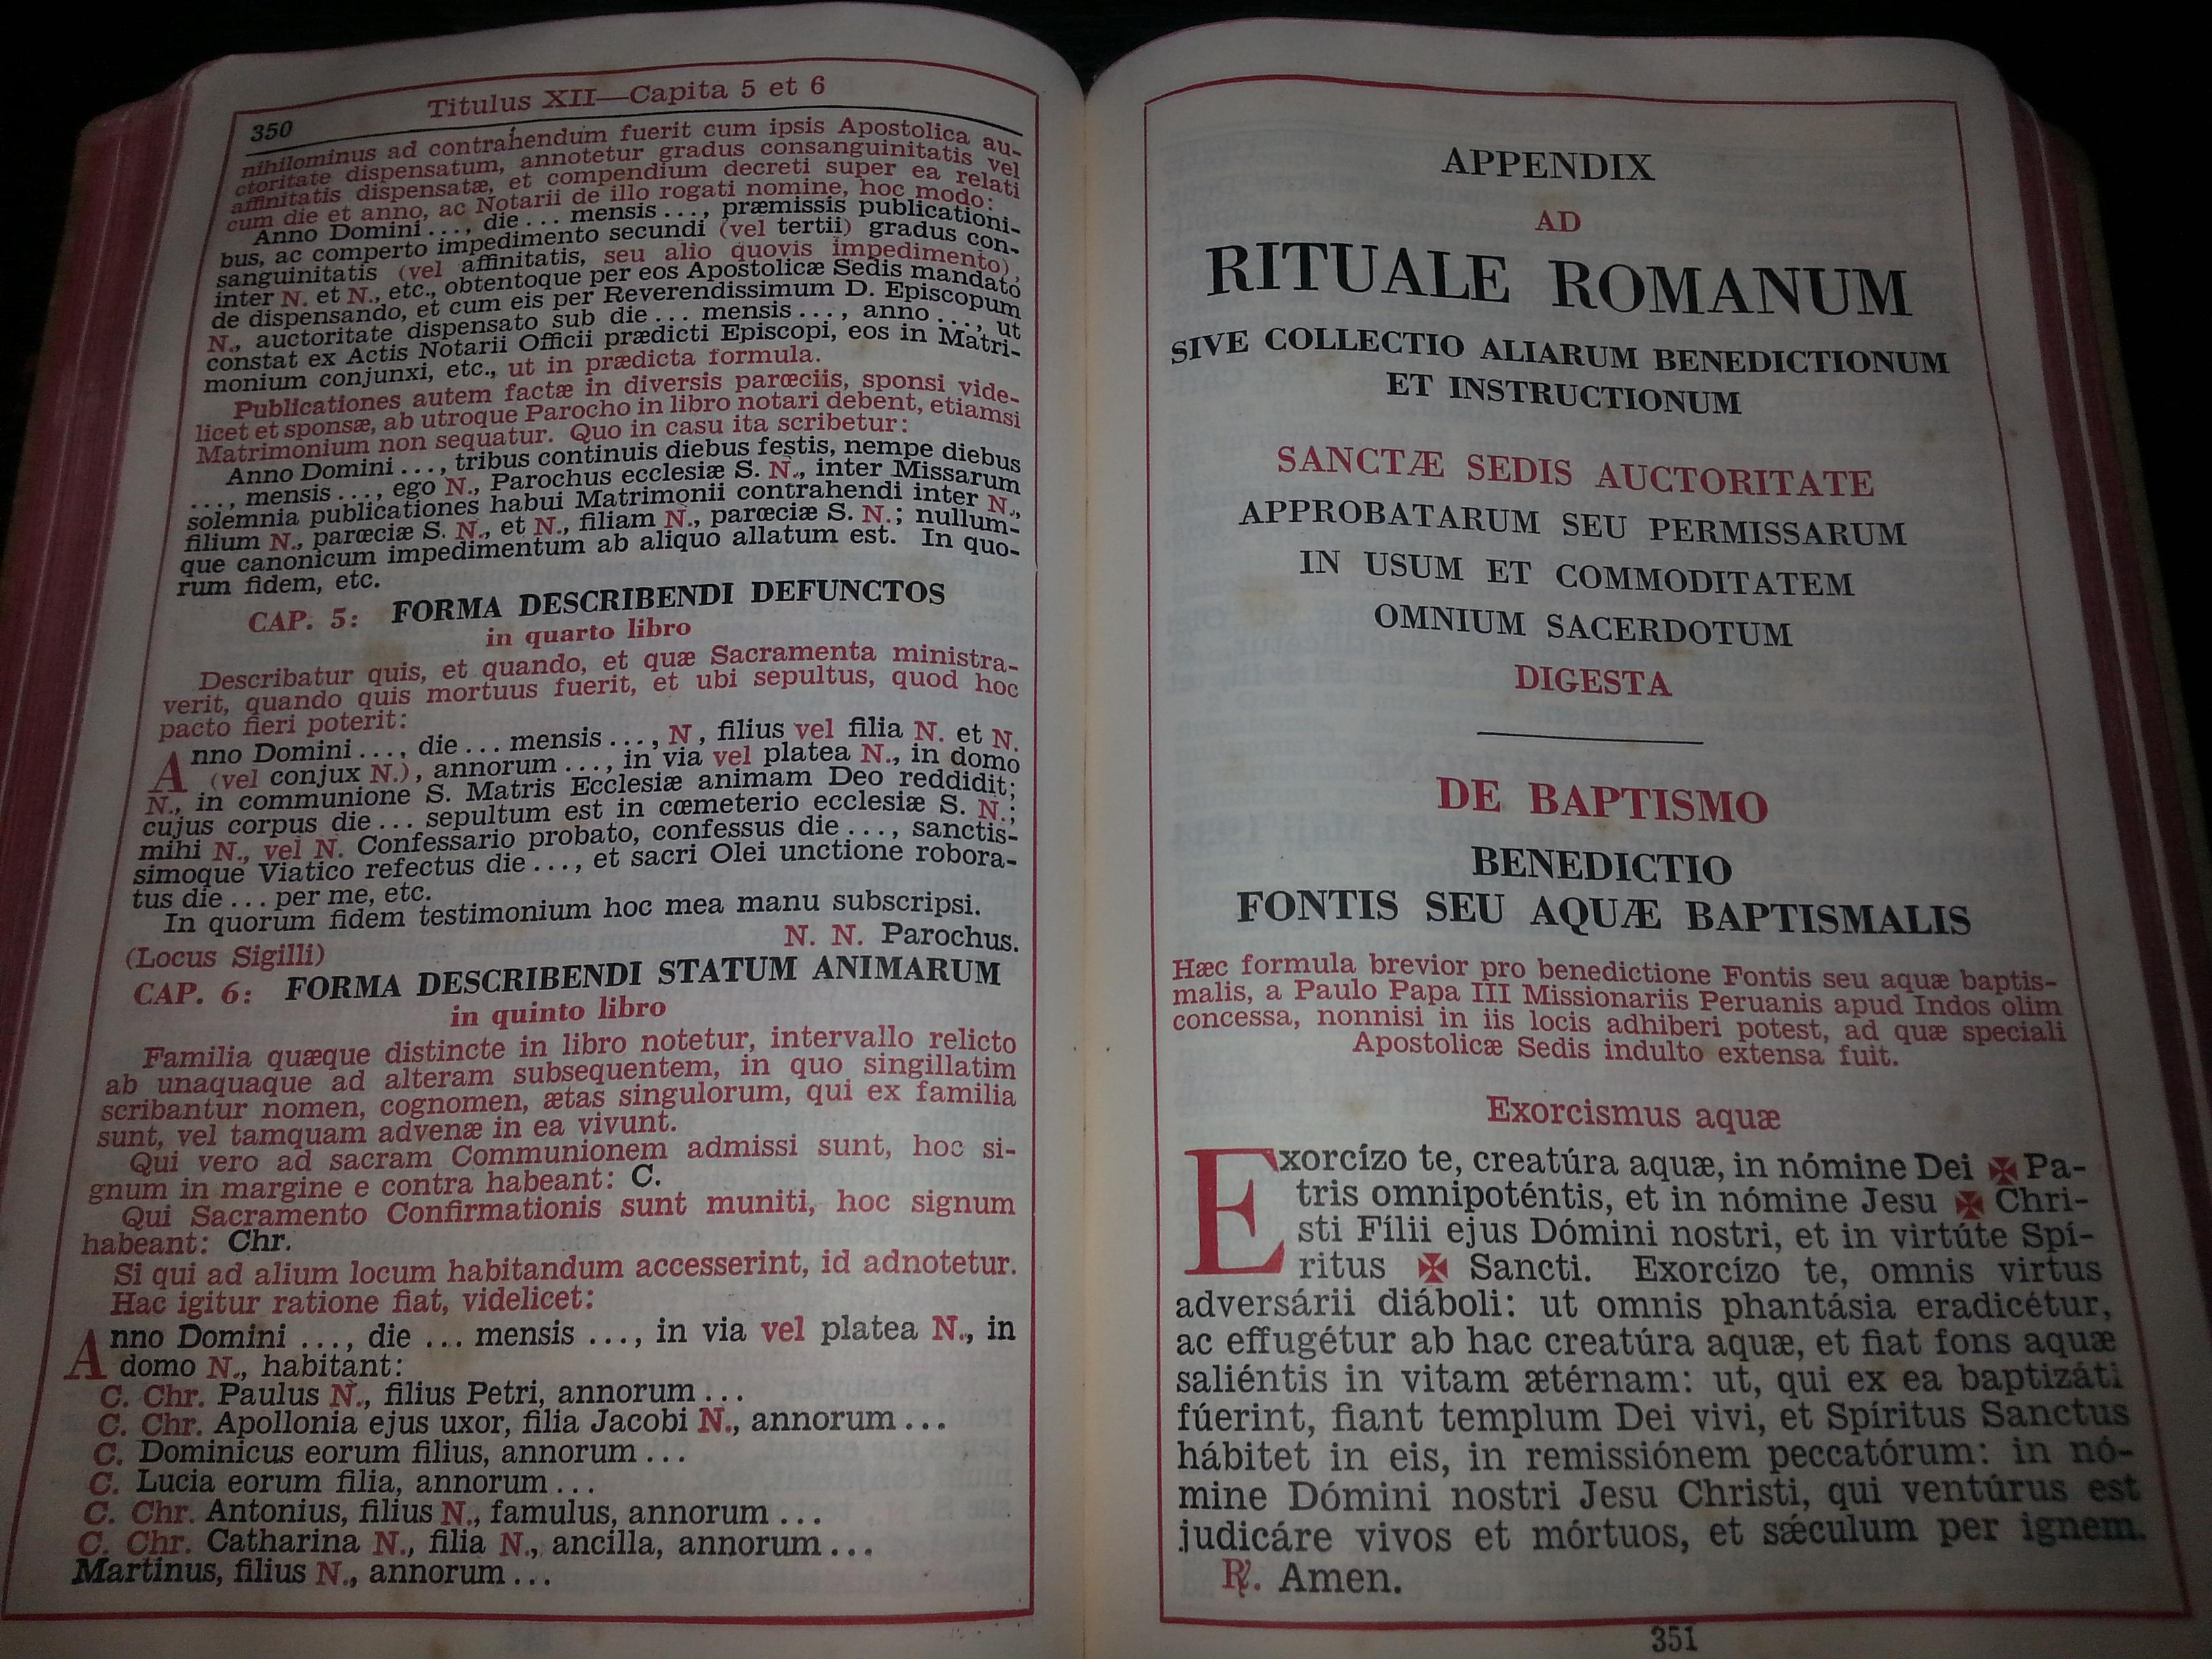 Matrimonio Romano Scribd : Rituale romano wikipedia